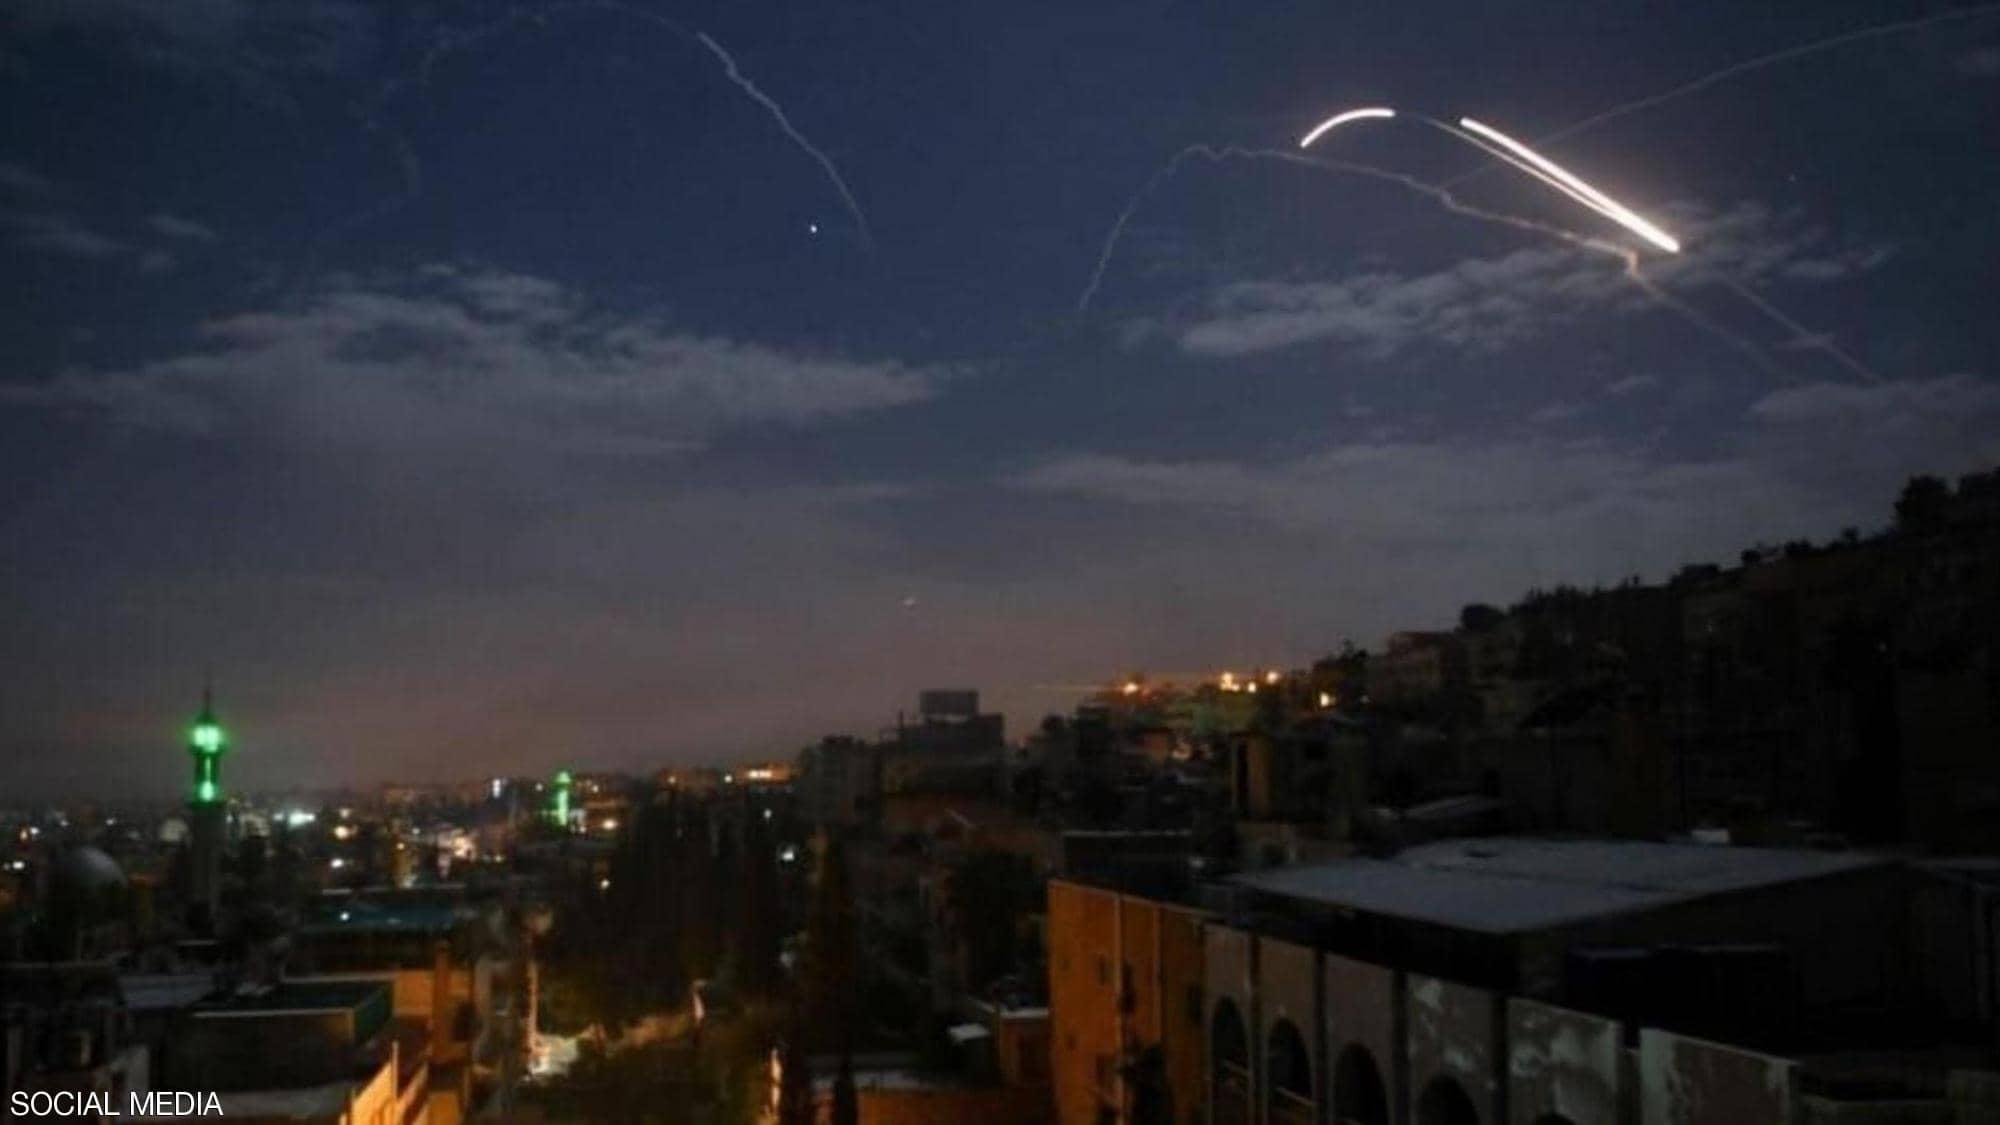 حسب الوكالة السورية للأنباء دفاعات الجو تتصدى لصواريخ إسرائيلية